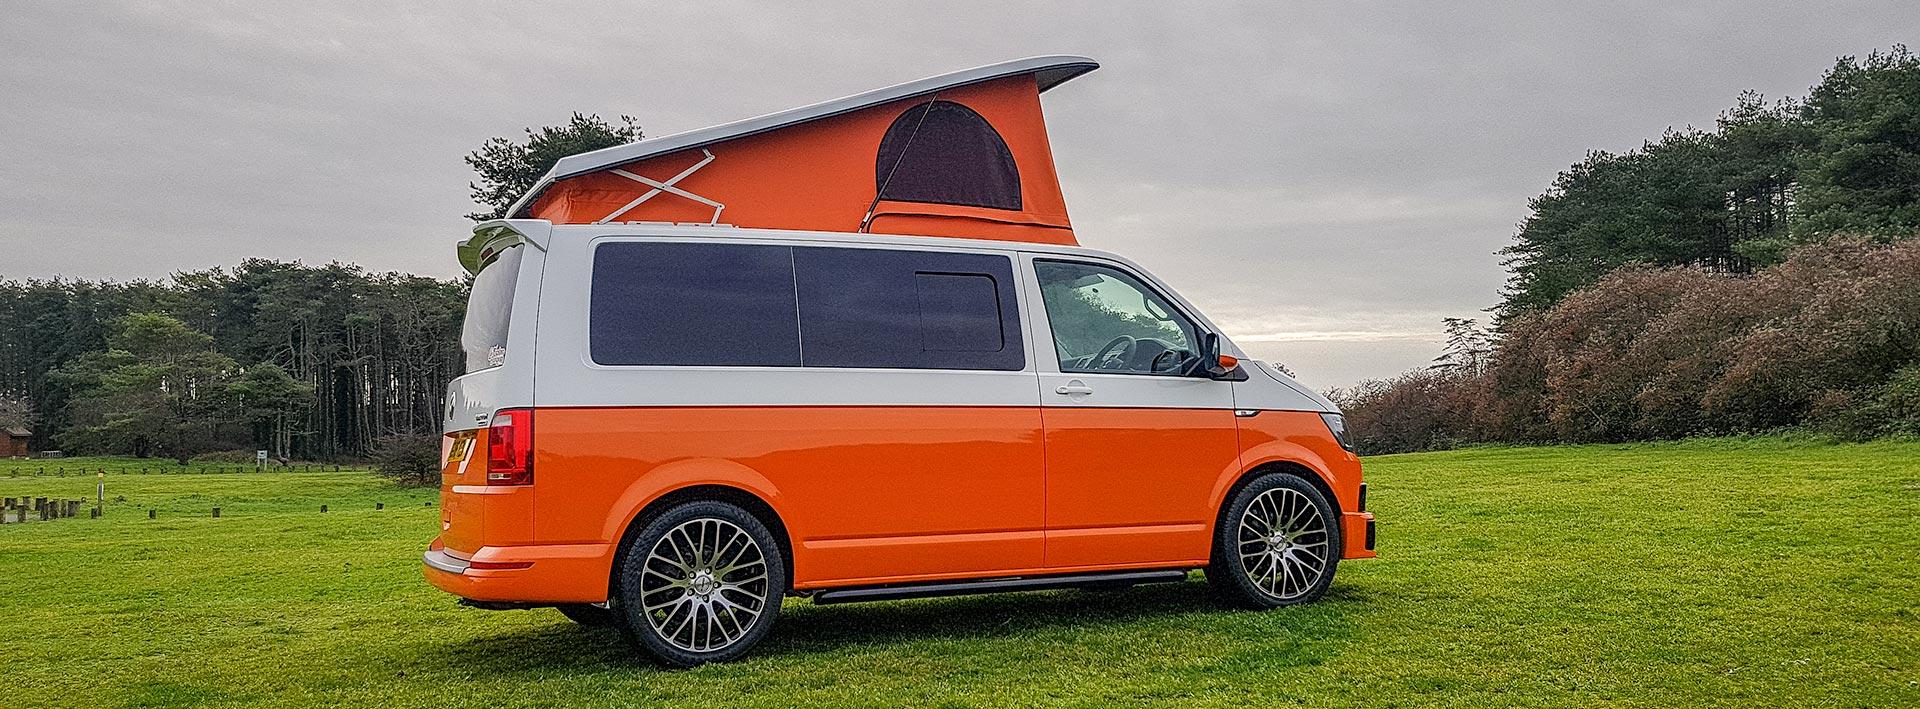 77266d2bb060f2 Explorer 2   4 Berth VW Camper Conversion - Go Explore Custom Vans    Campers Swansea South Wales